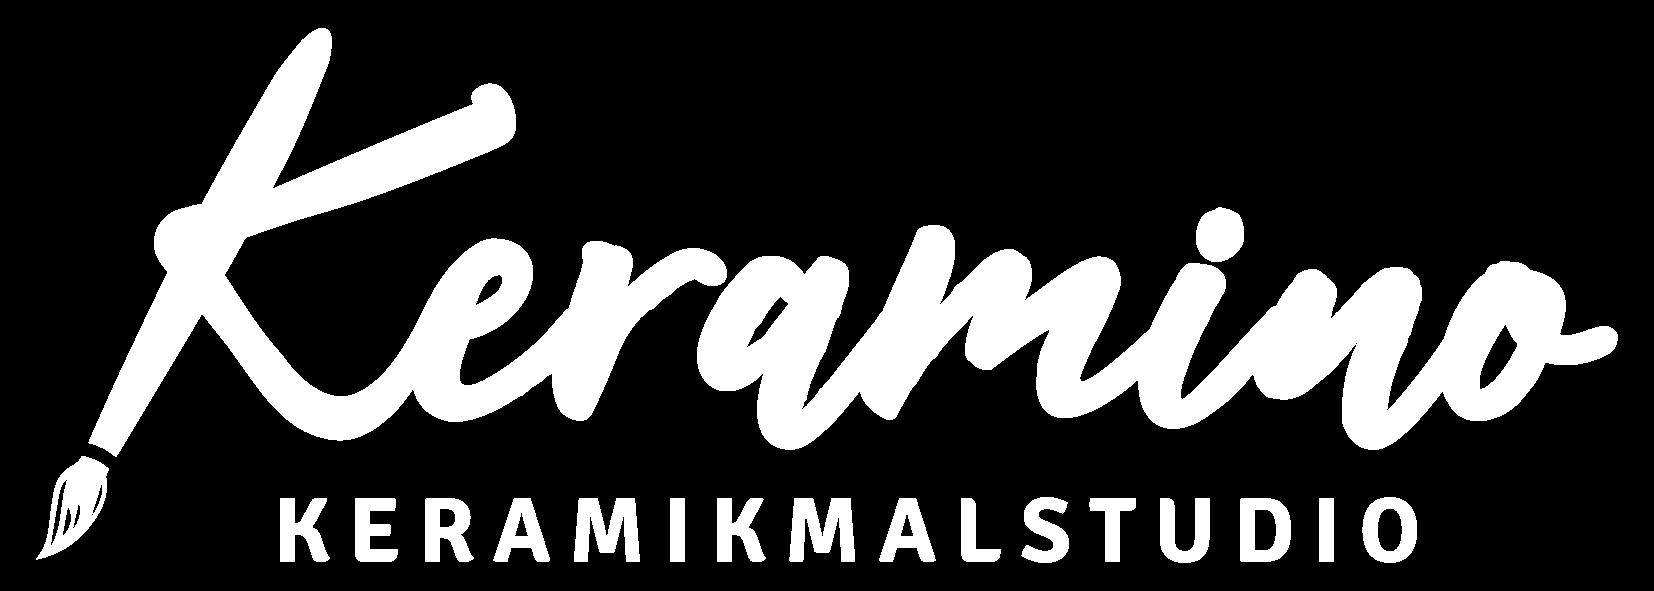 Keramino